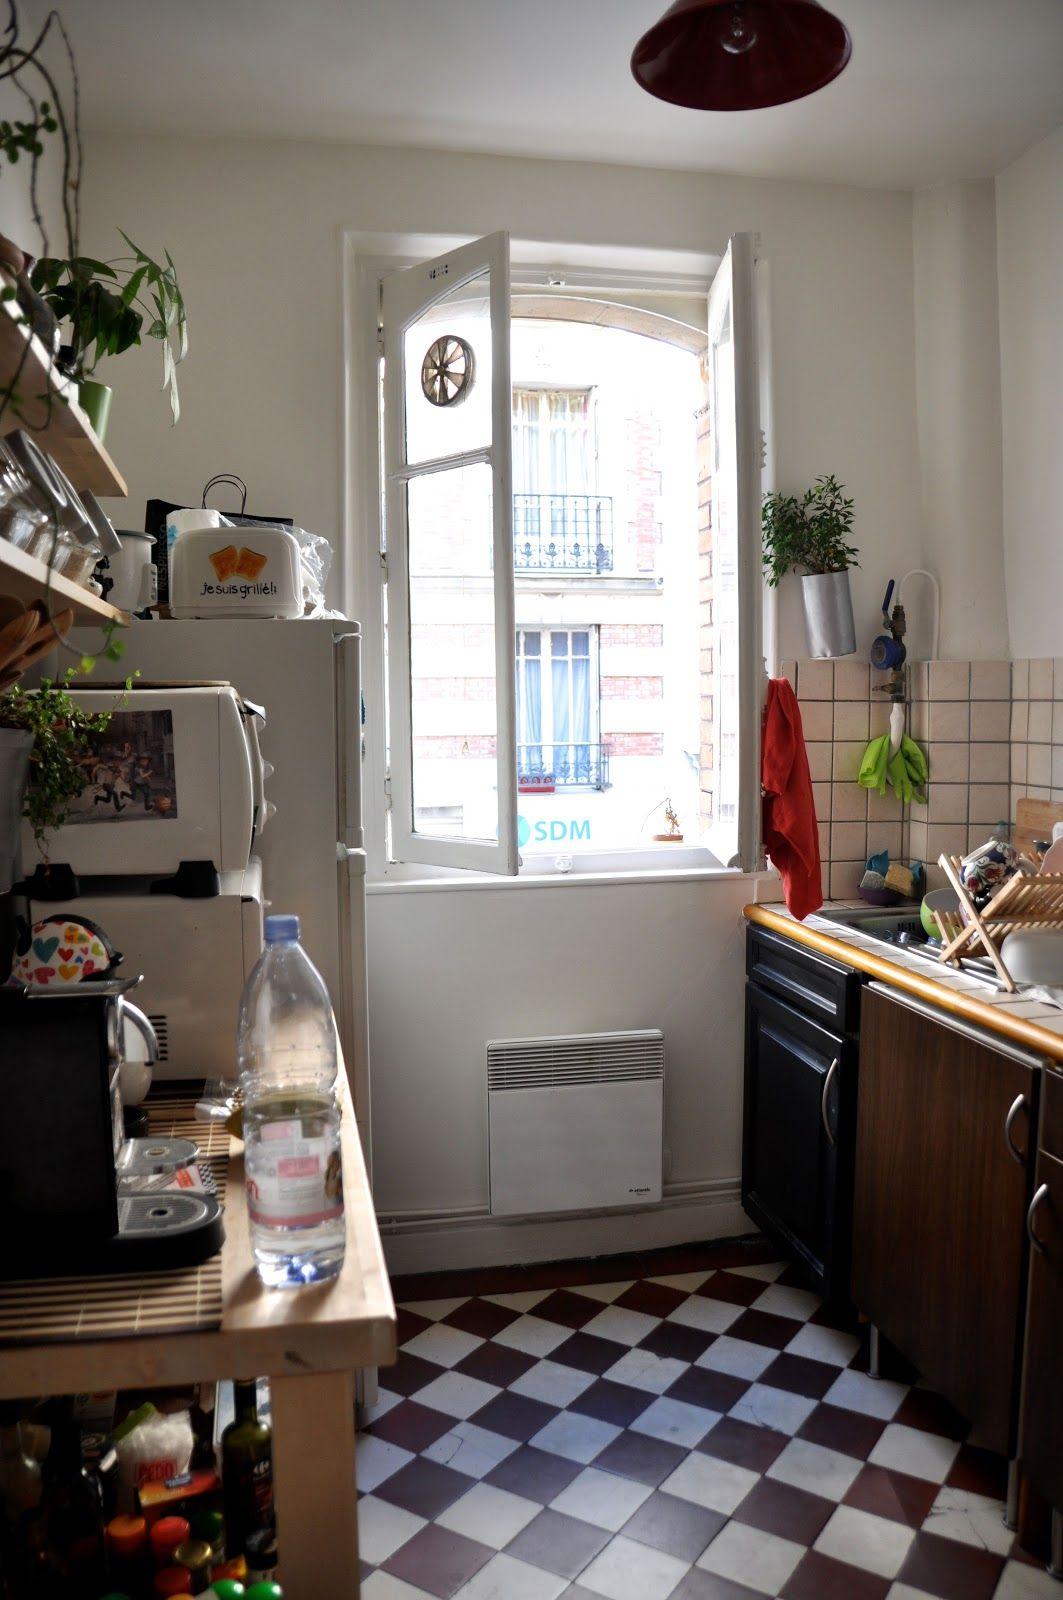 狭いマンション 玄関入ってすぐにダイニングキッチン の画像検索結果